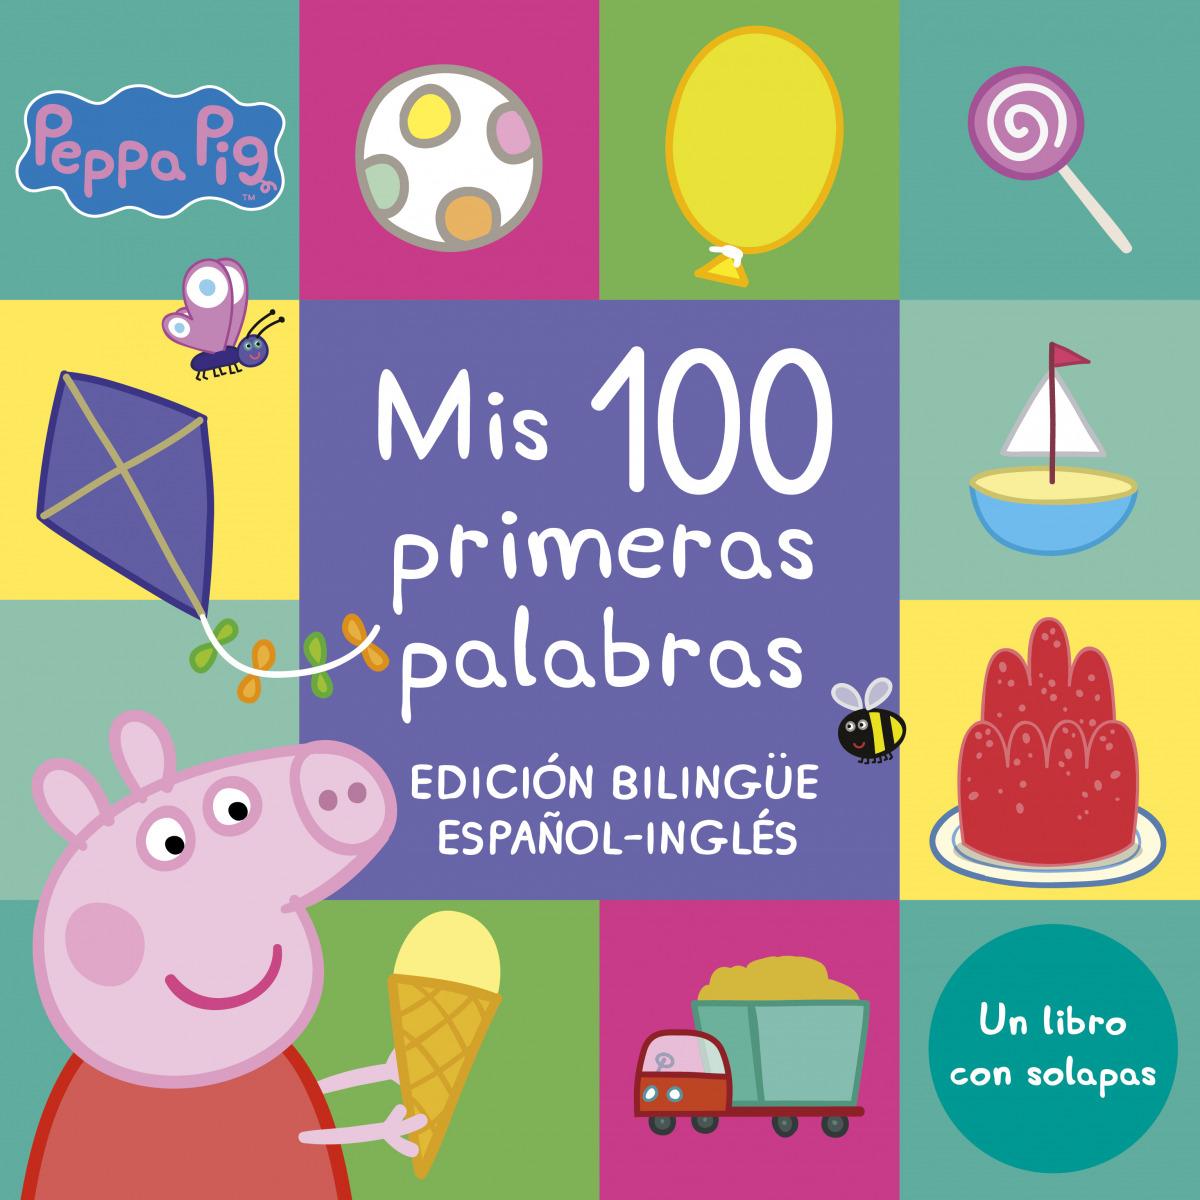 Mis 100 primeras palabras (Edición bilingüe) (Peppa Pig. Pequeñas manitas)